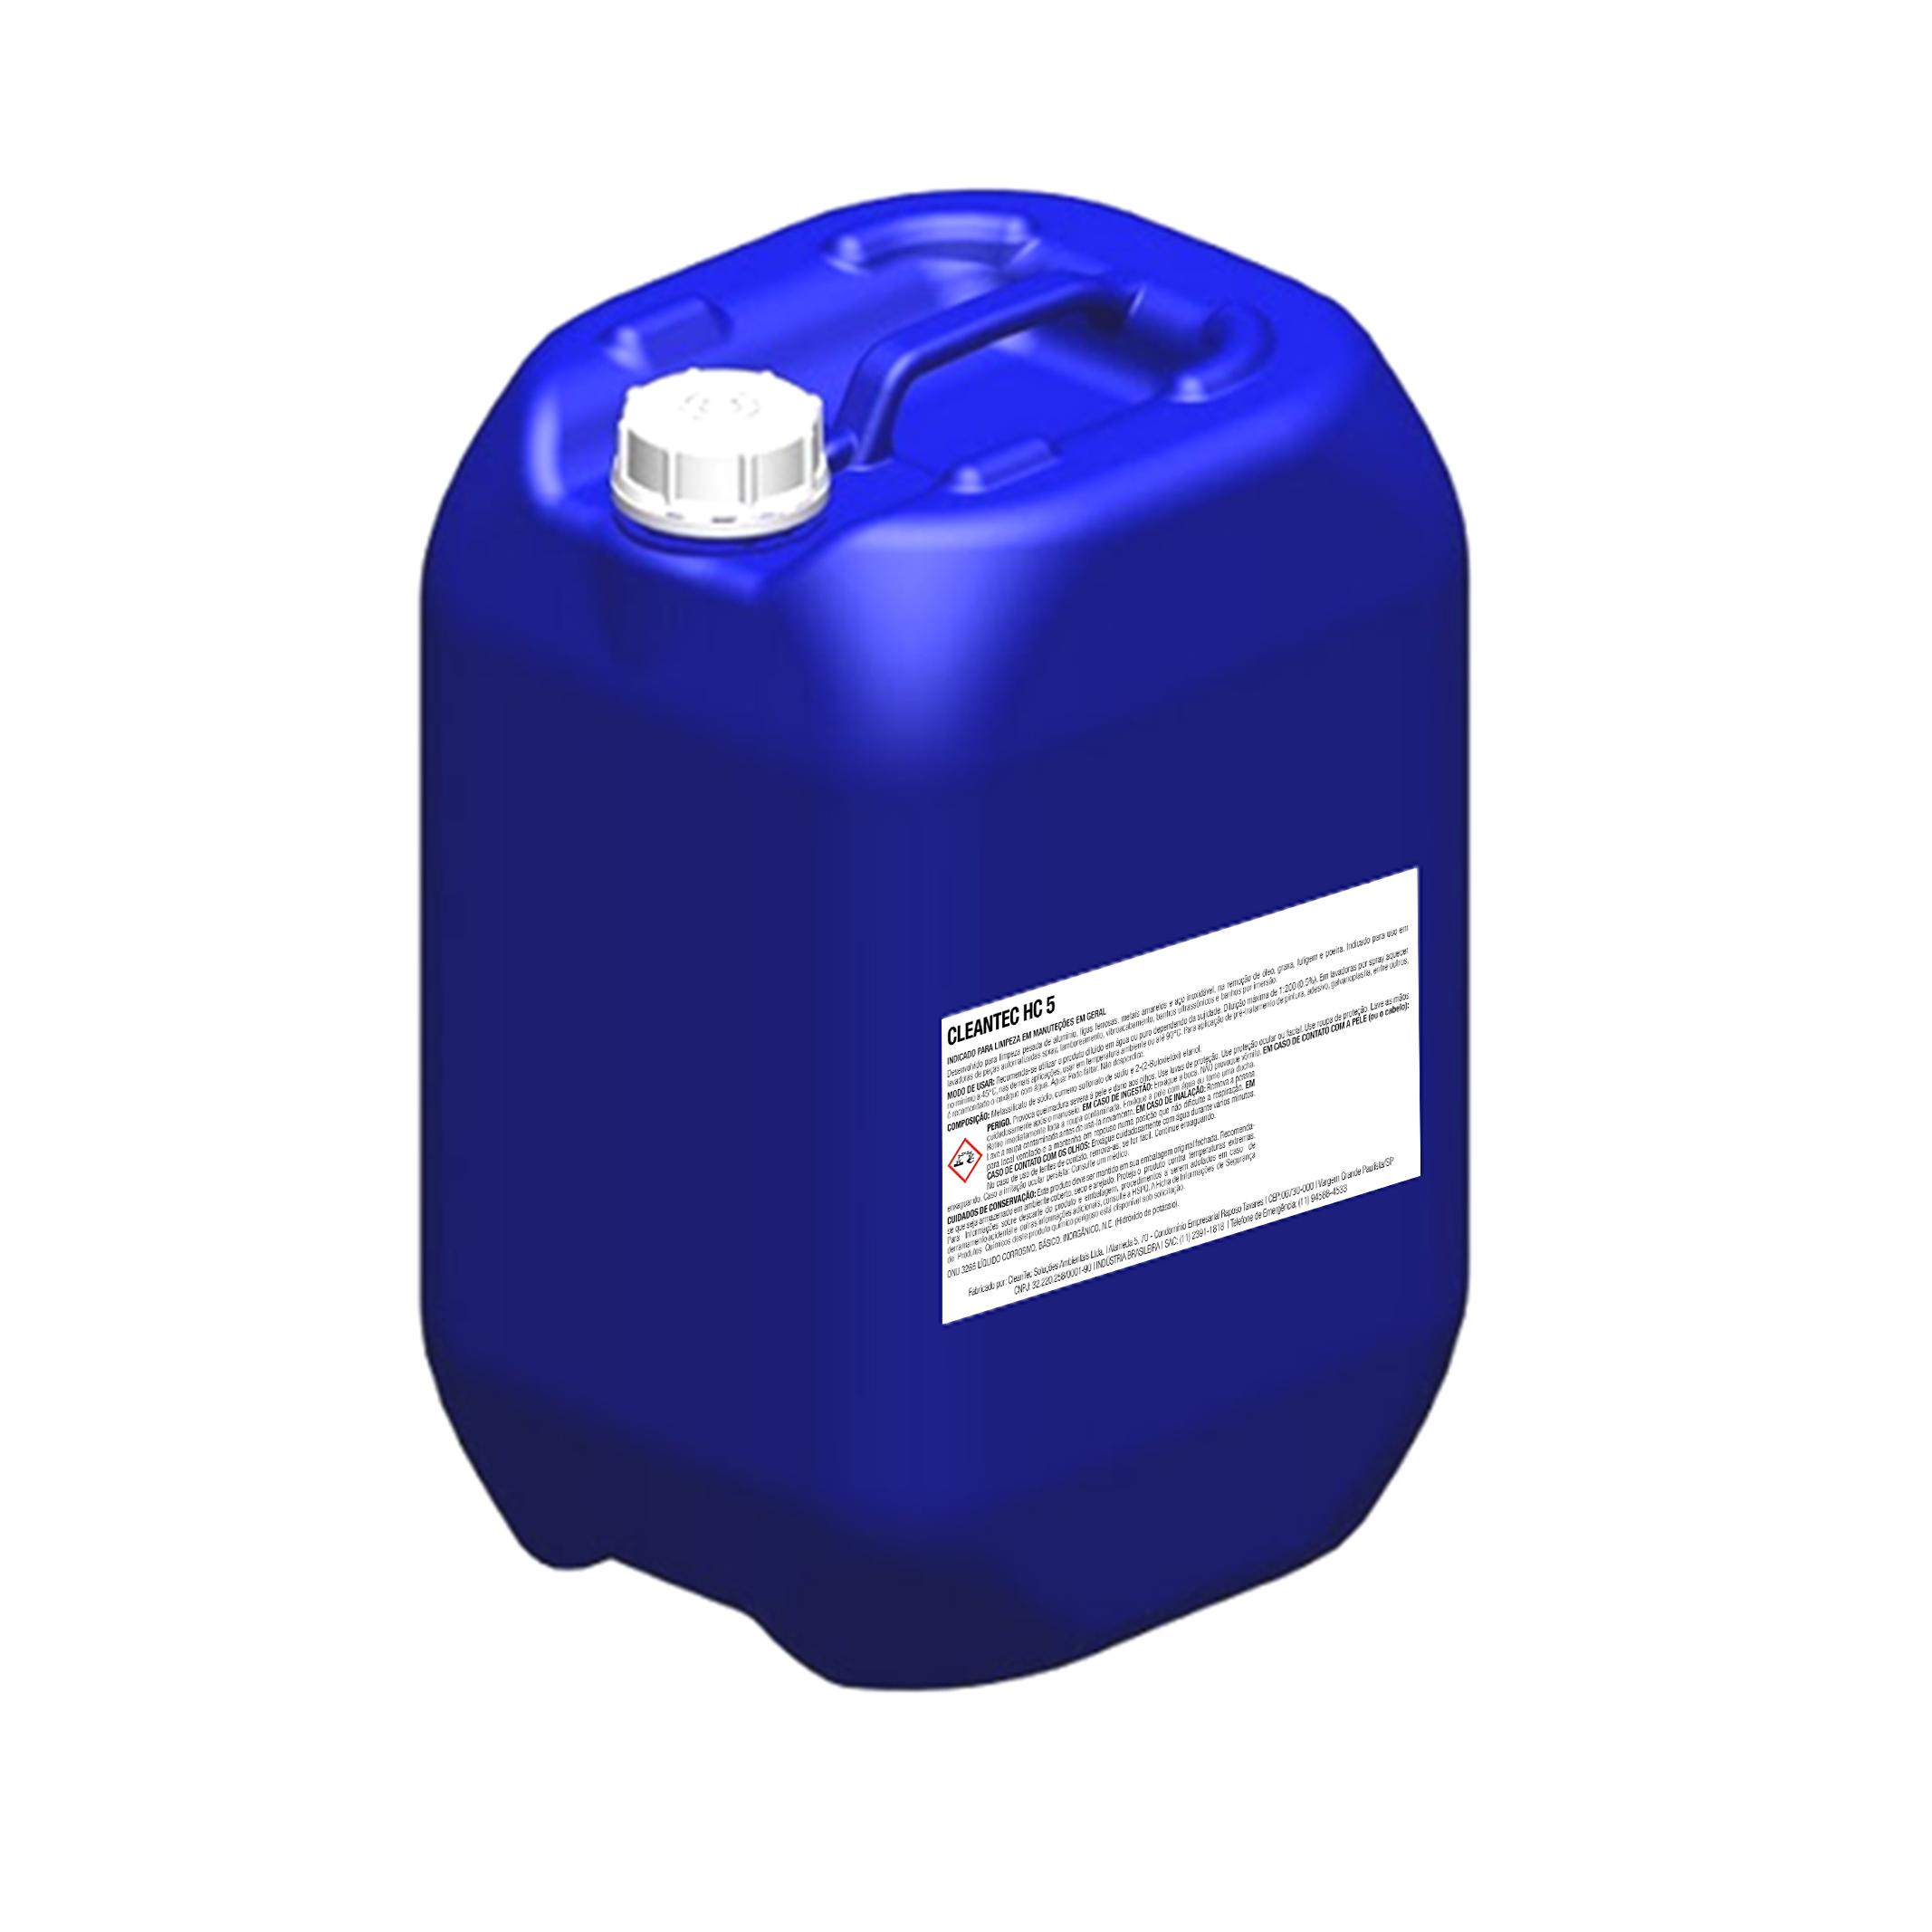 especialmente desenvolvido para remoção de graxas e óleos.